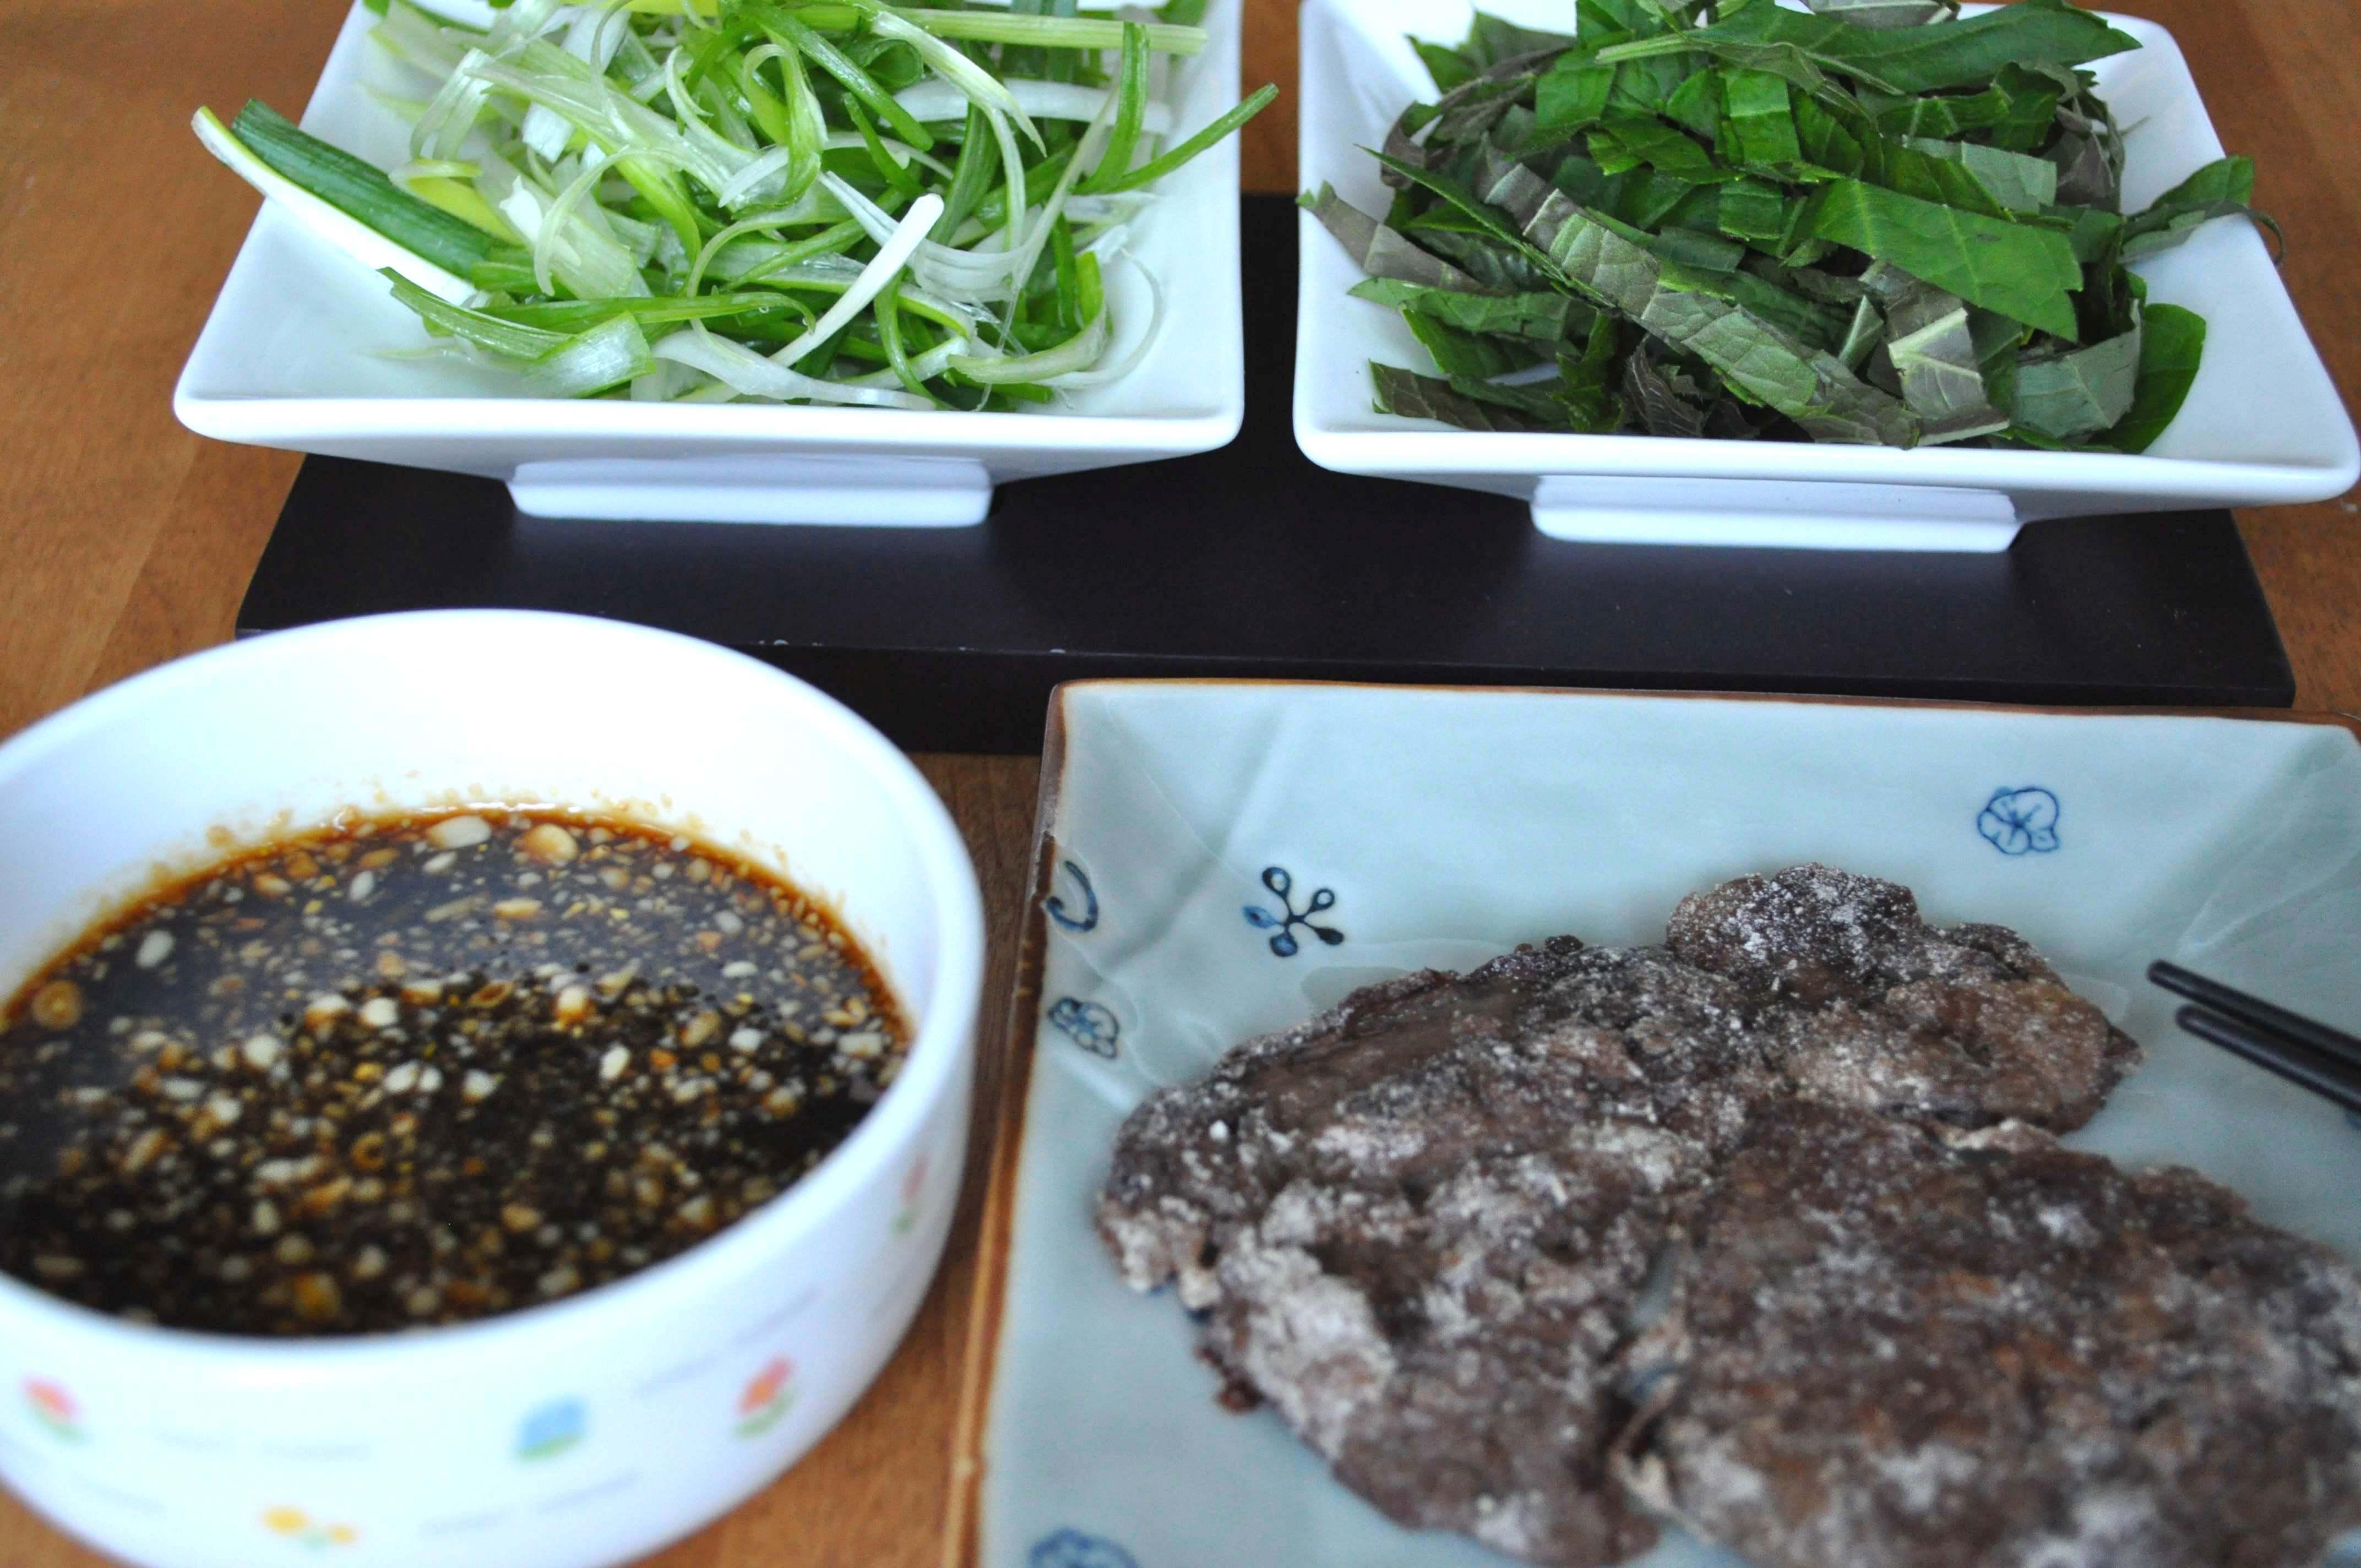 Chapsal bulgogi, veggies and sauce